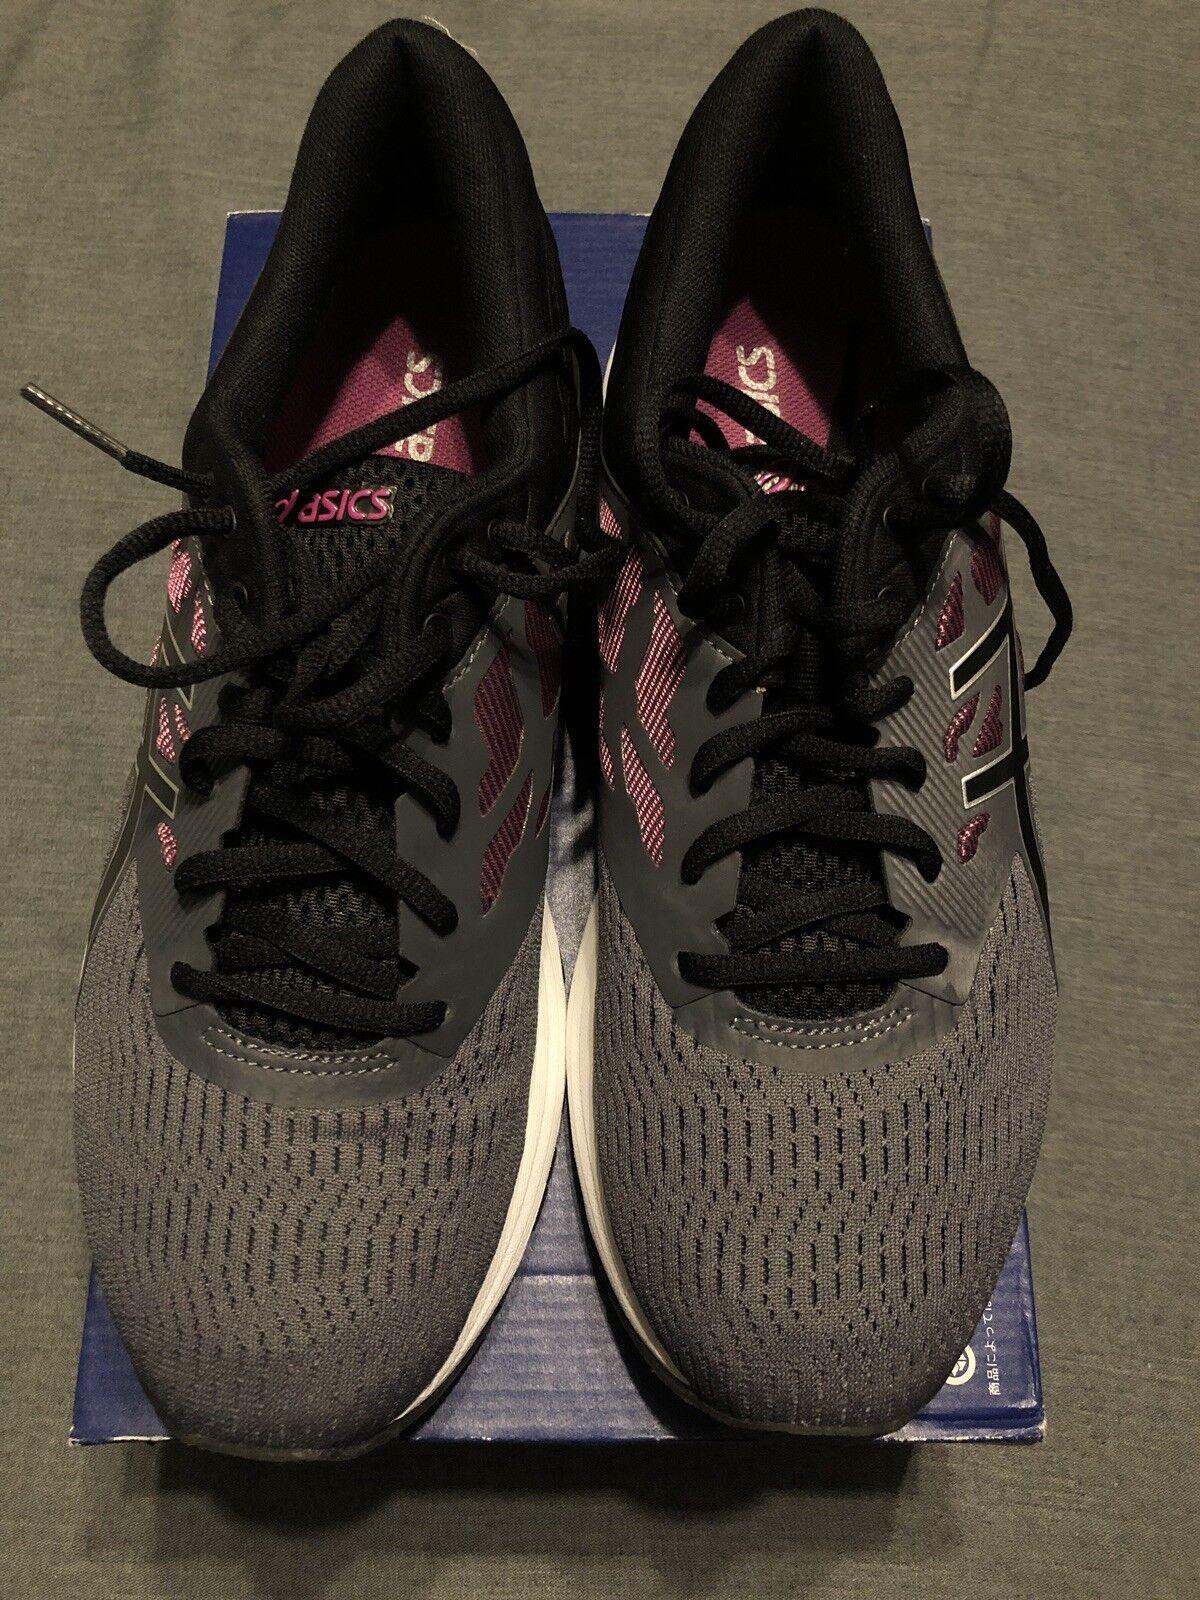 Para Mujer Mujer Mujer Asics Gel-Flux 5 gris Negro Fucsia Con Cordones Zapatos Atléticos Talla 10.5 Nuevo En Caja  increíbles descuentos